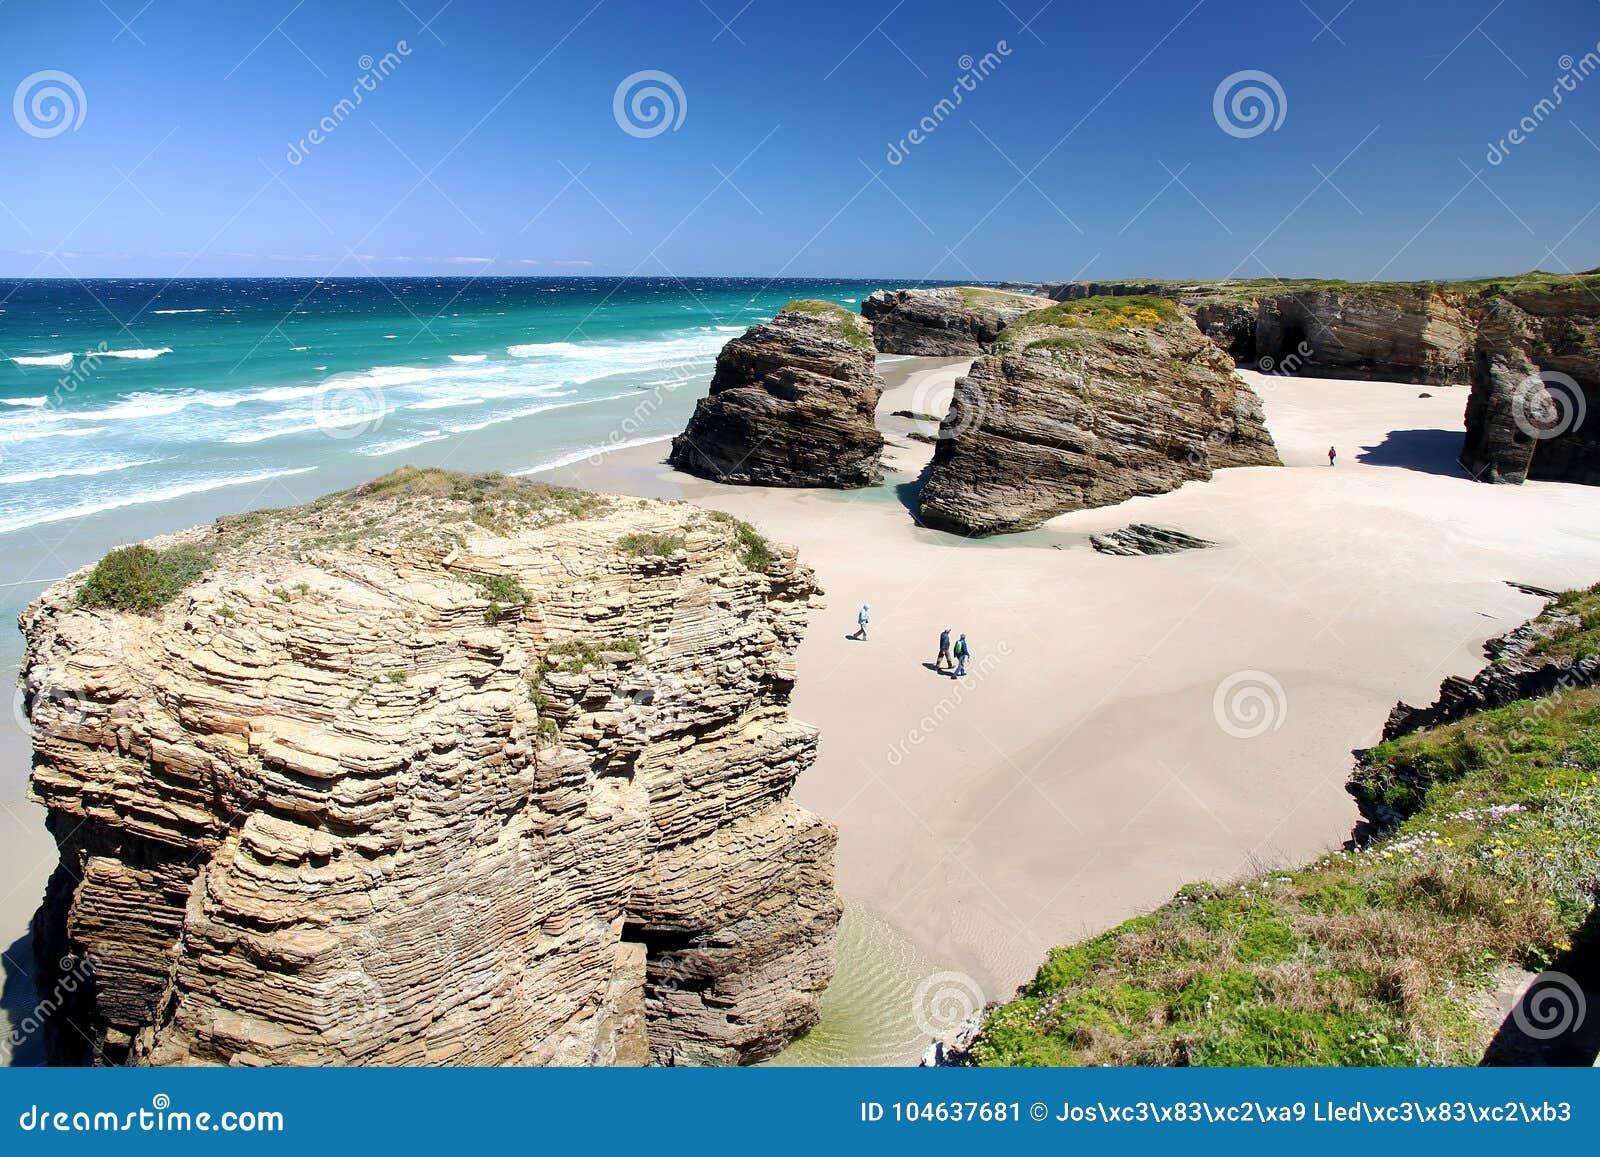 Download Het Kathedralenstrand In Eb Met Rotsen Erosioned Door De Actie Van Het Overzees Stock Afbeelding - Afbeelding bestaande uit klip, zand: 104637681